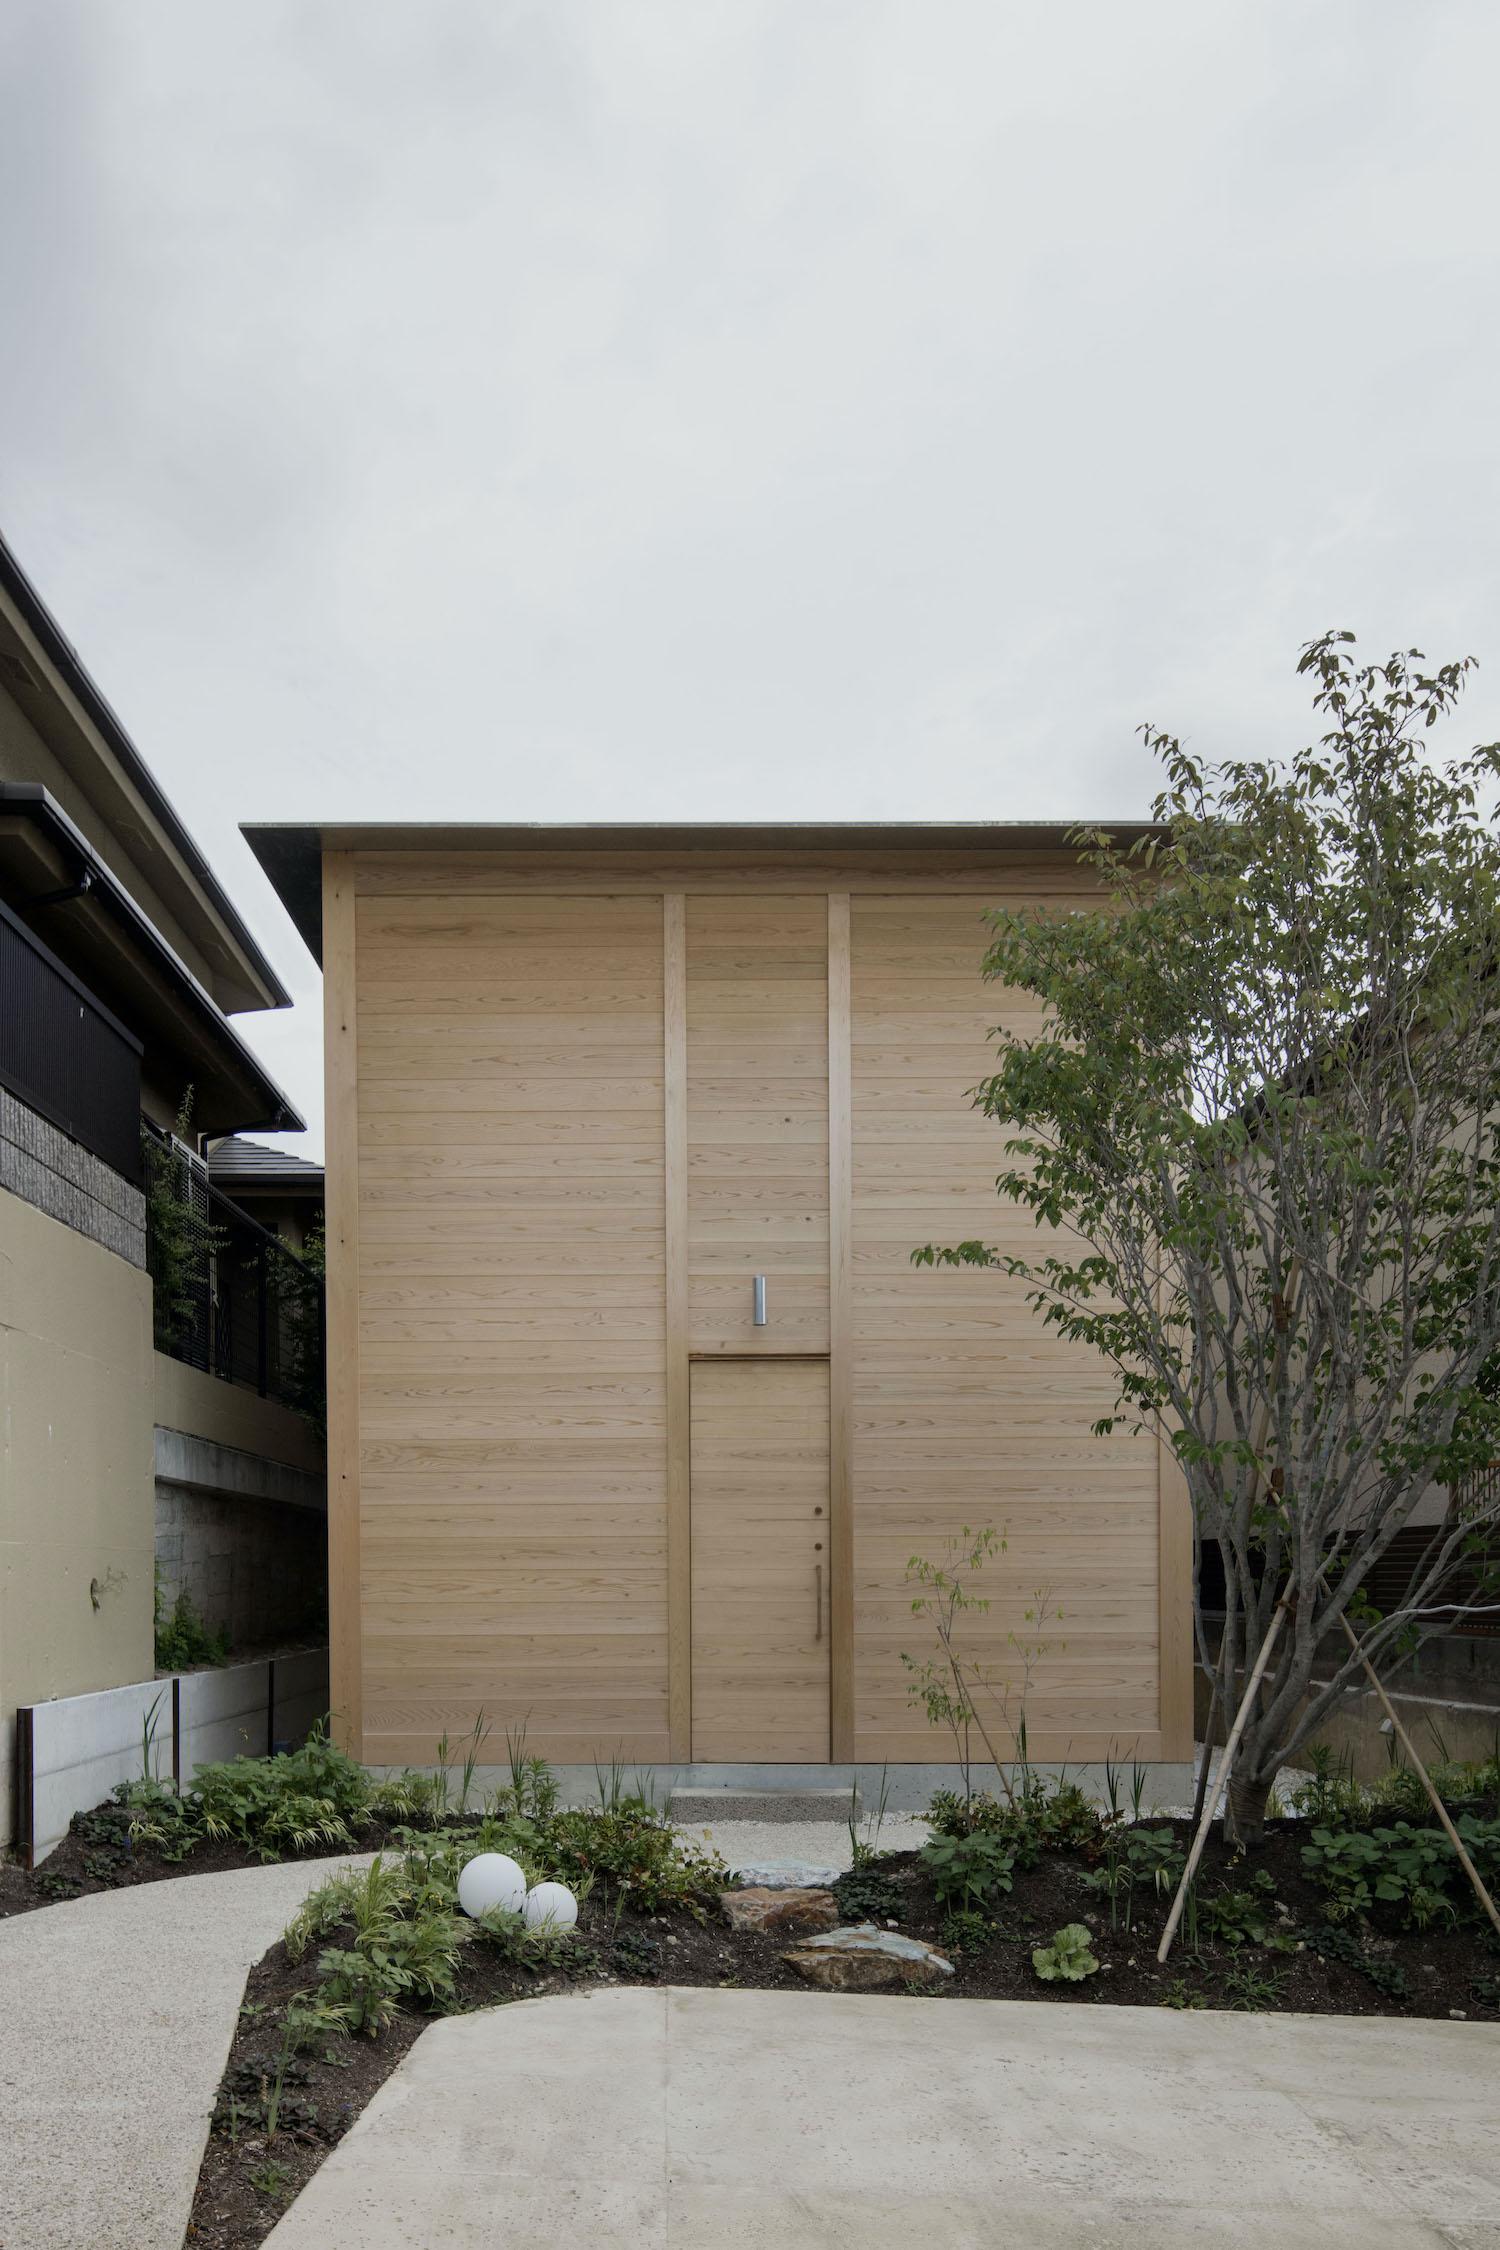 Ogimachi House in Nagoya, Japan designed by Tomoaki Uno Architects